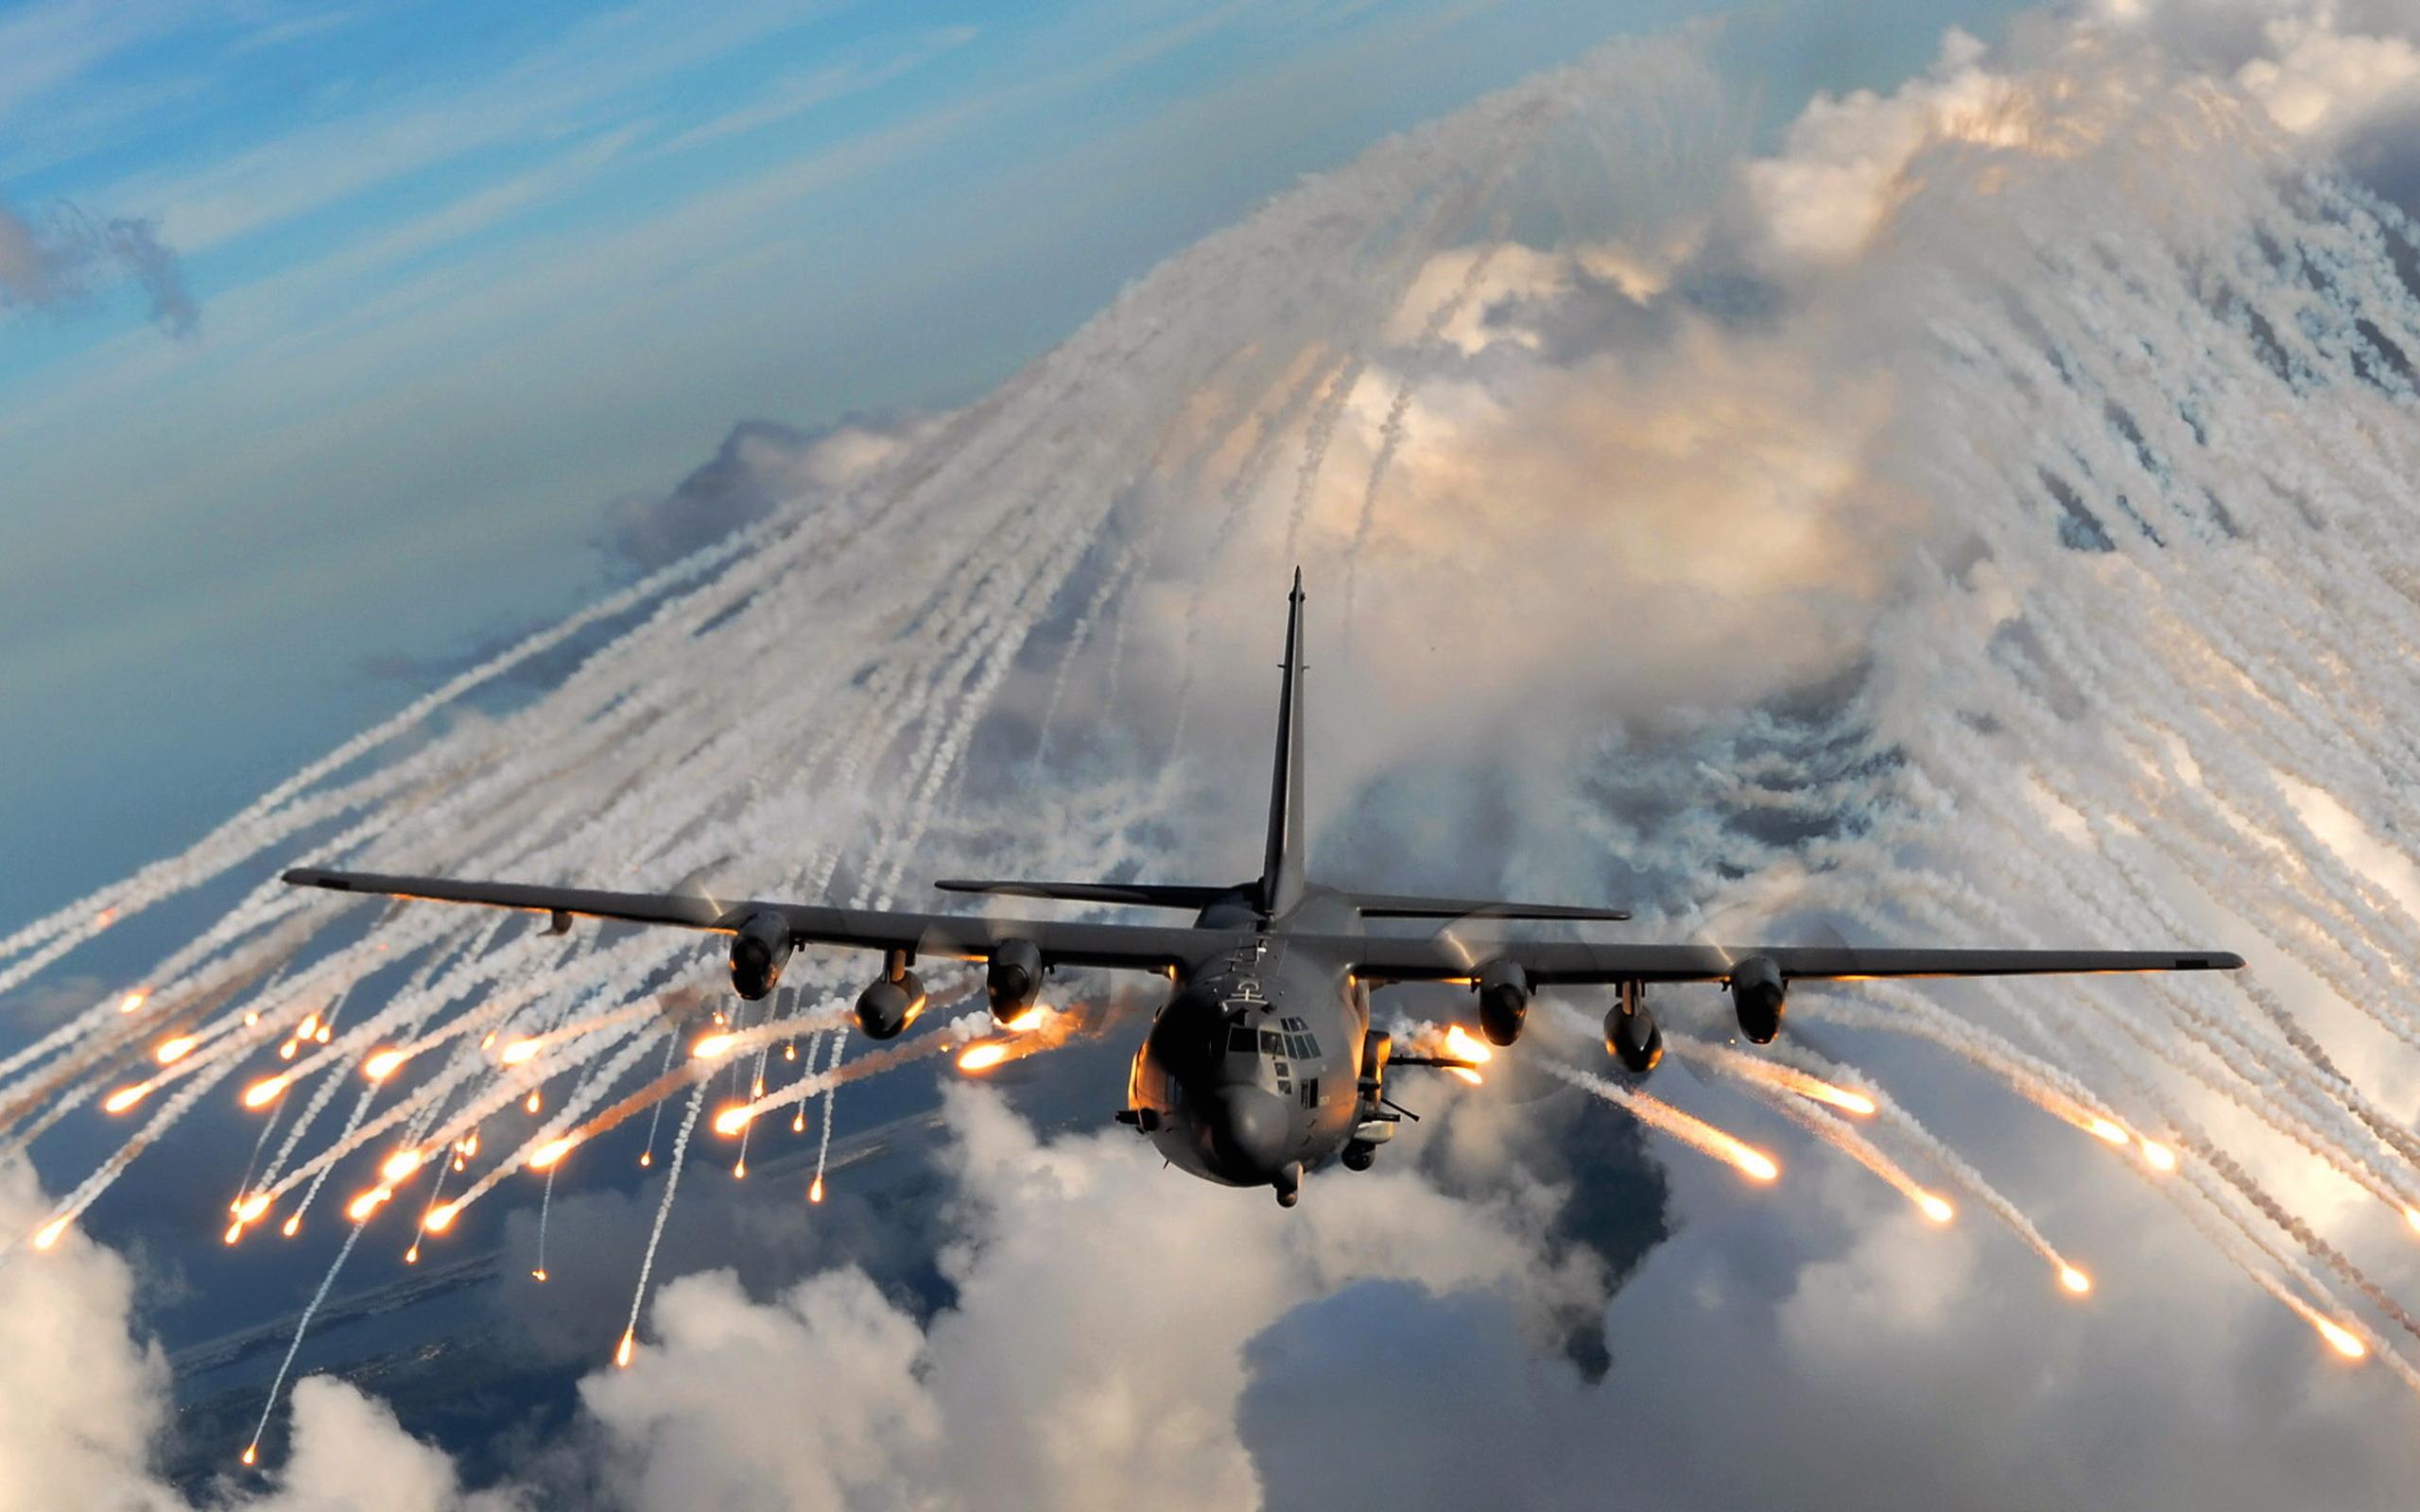 Искры, полет, огонь, вертолет, небо, самолет  № 3748979 бесплатно